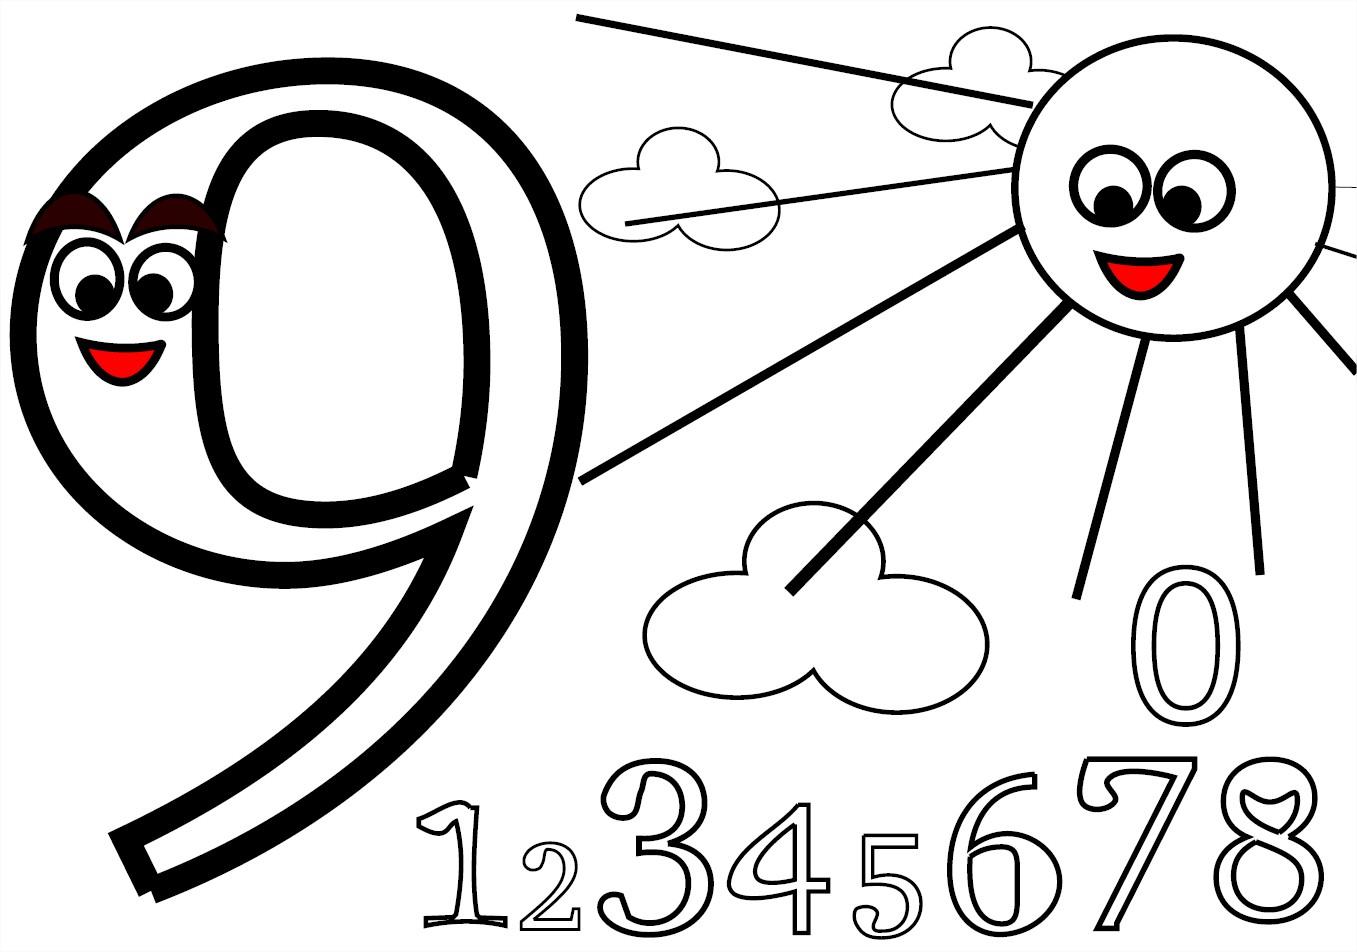 Coloriage chiffre 9